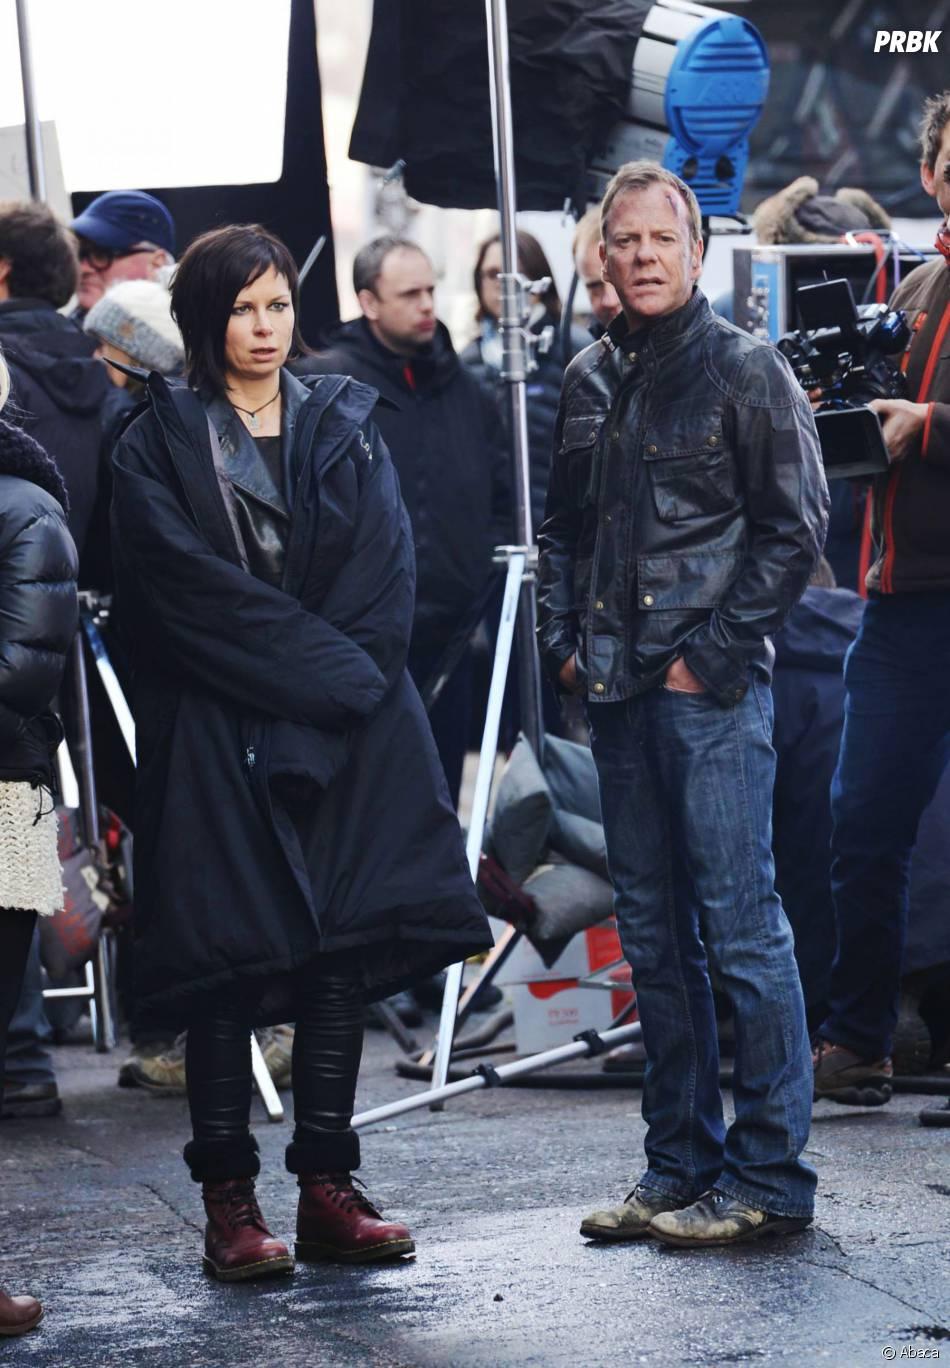 24 heures chrono saison 9 : Kiefer Sutherland et Mary Lynn Rajskub réunis sur le tournage à Londres, le 22 janvier 2014